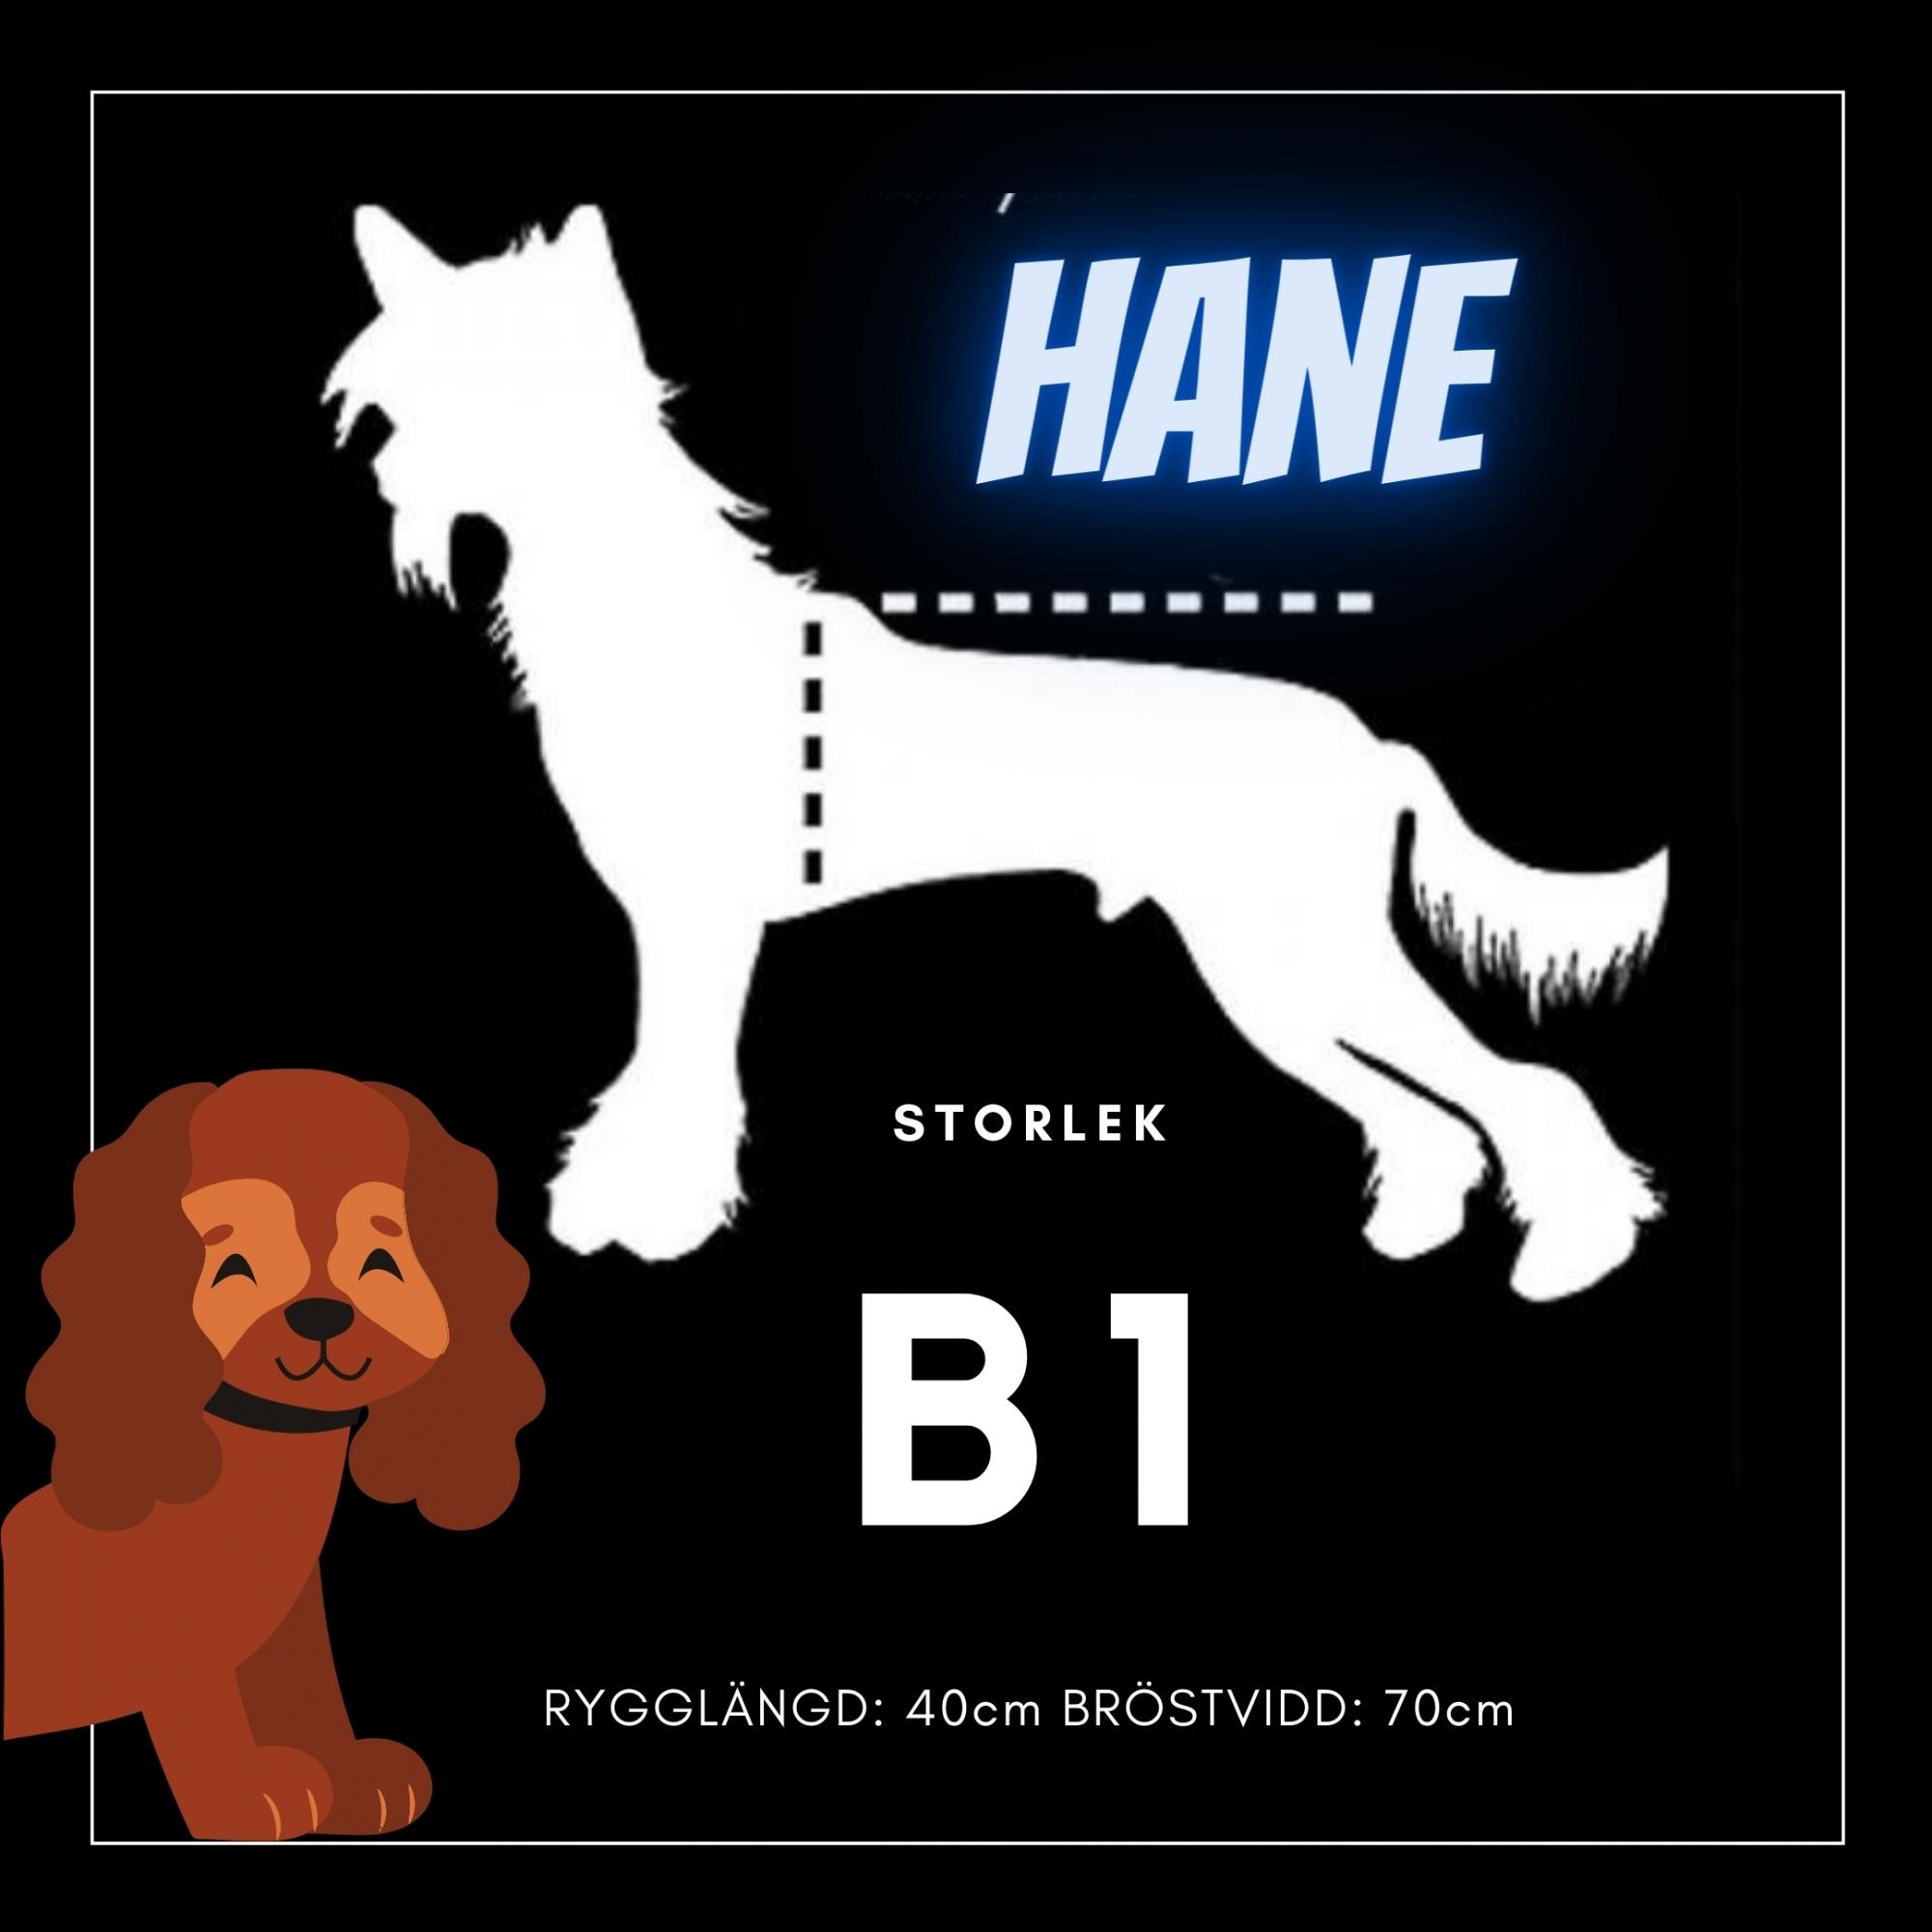 Hane Storlek B1 - Passion For Pet Fashion